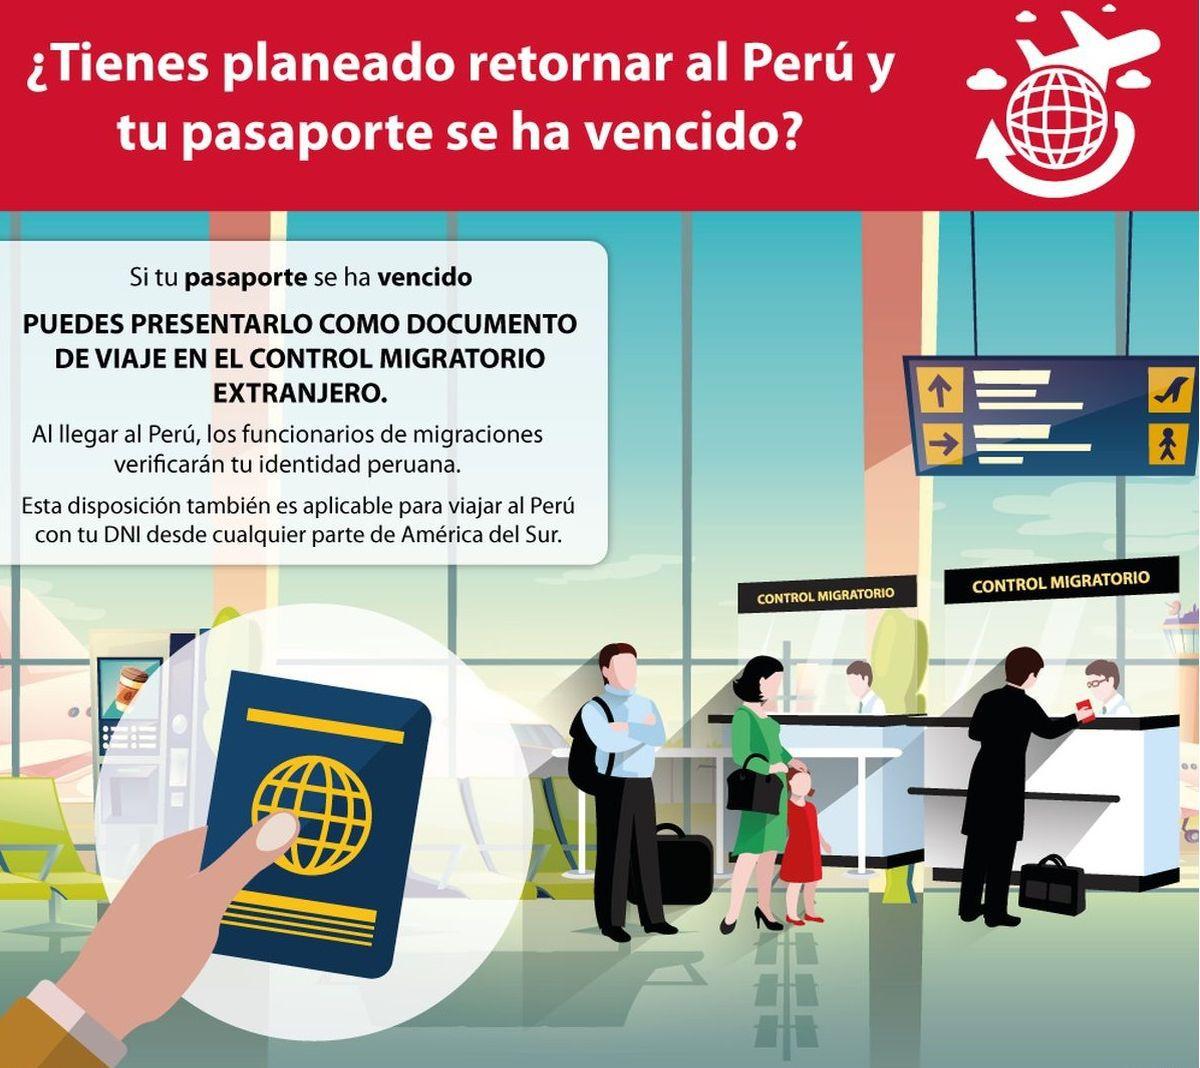 Si estás retornando al Perú desde alguno de los países de América del Sur, puedes hacerlo con tu pasaporte vencido (Imagen: MRE)